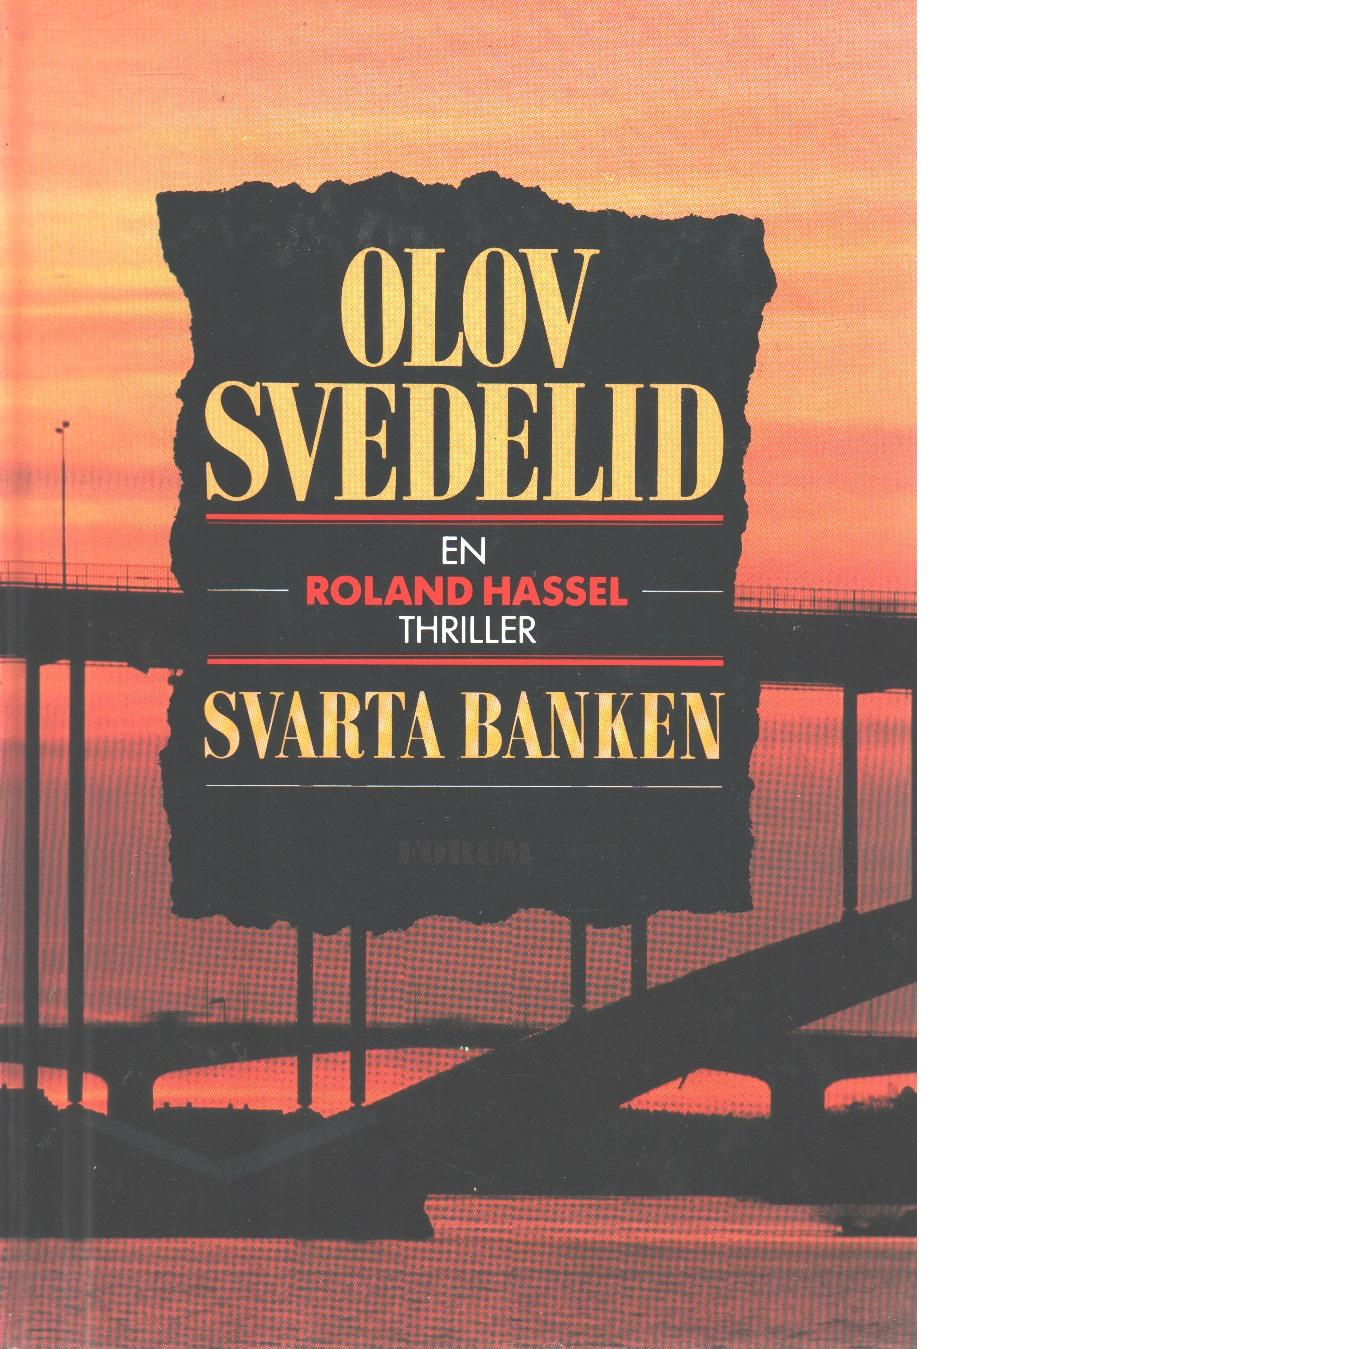 Svarta banken : en polisroman - Svedelid, Olov